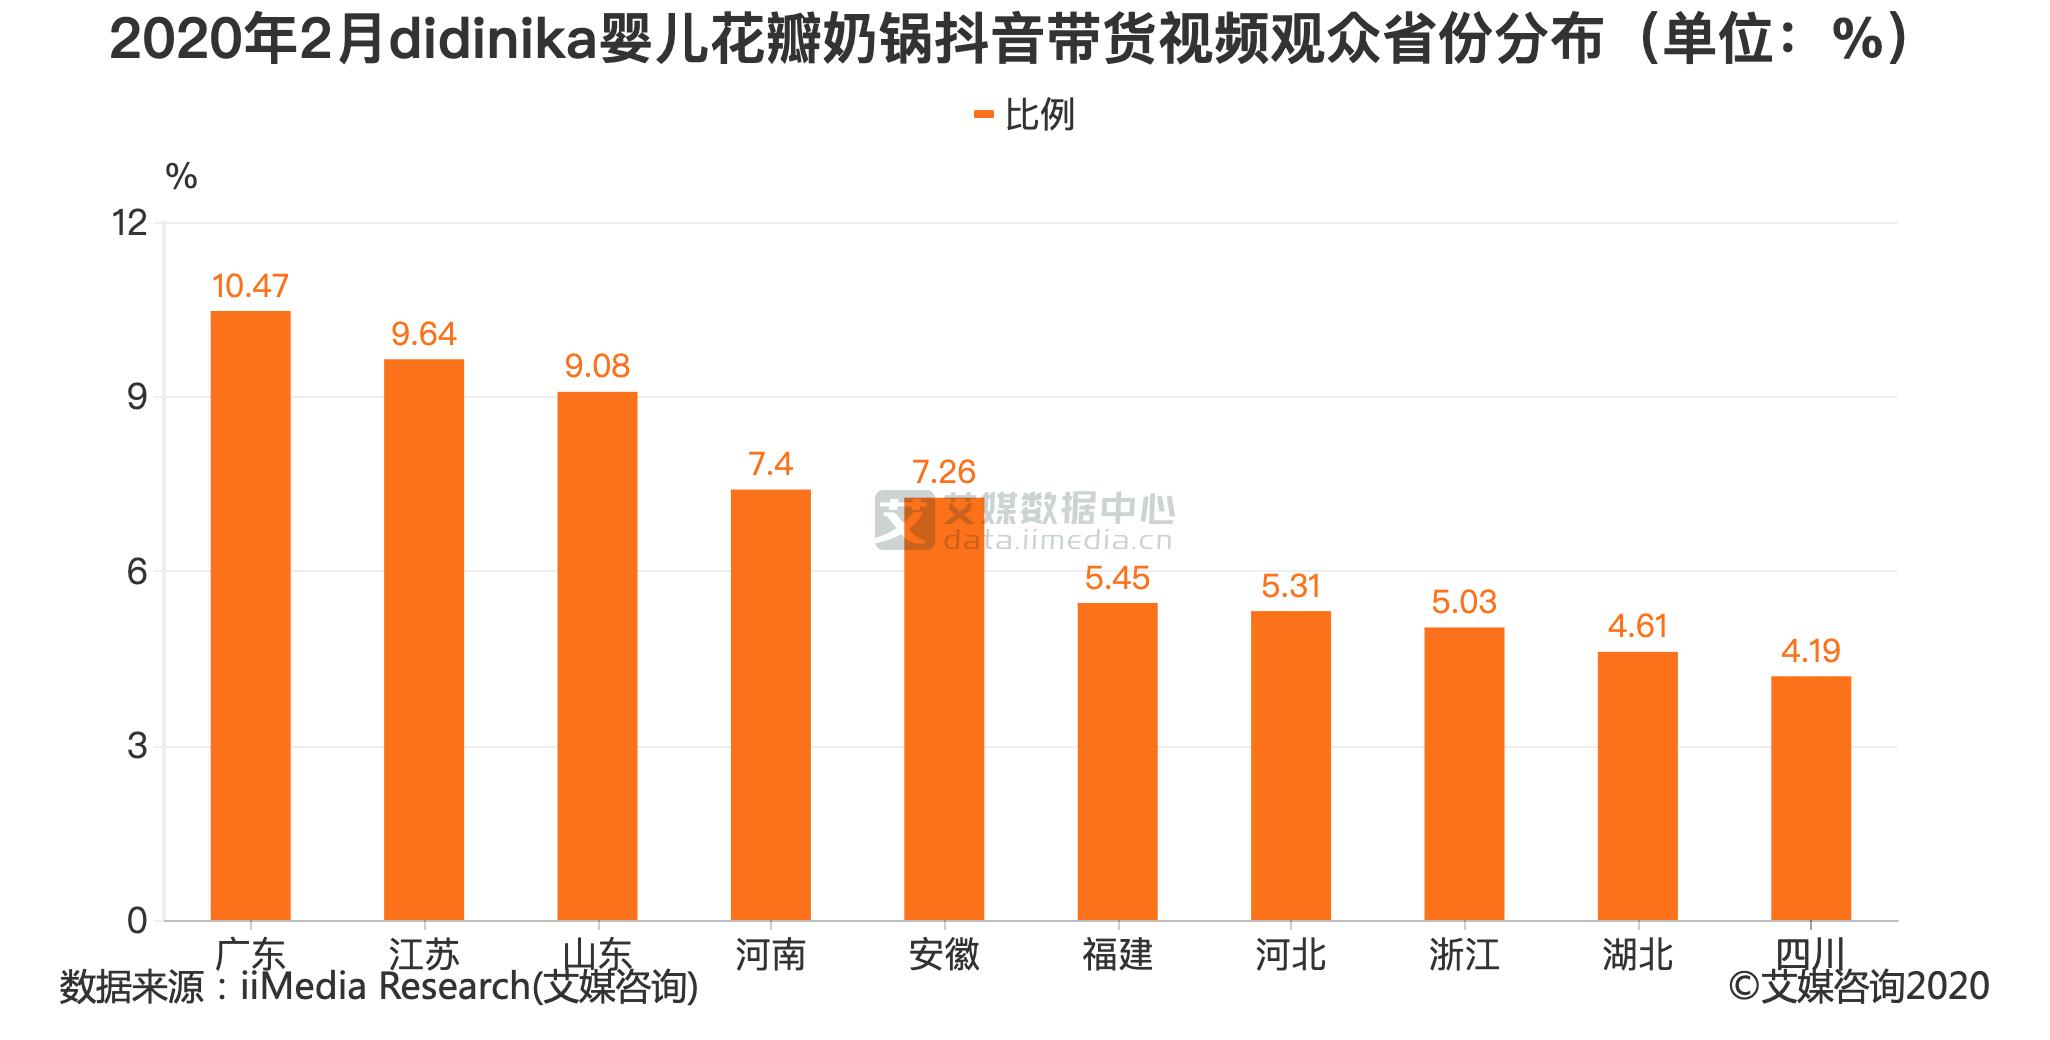 2020年2月didinika婴儿花瓣奶锅抖音带货视频观众省份分布(单位:%)